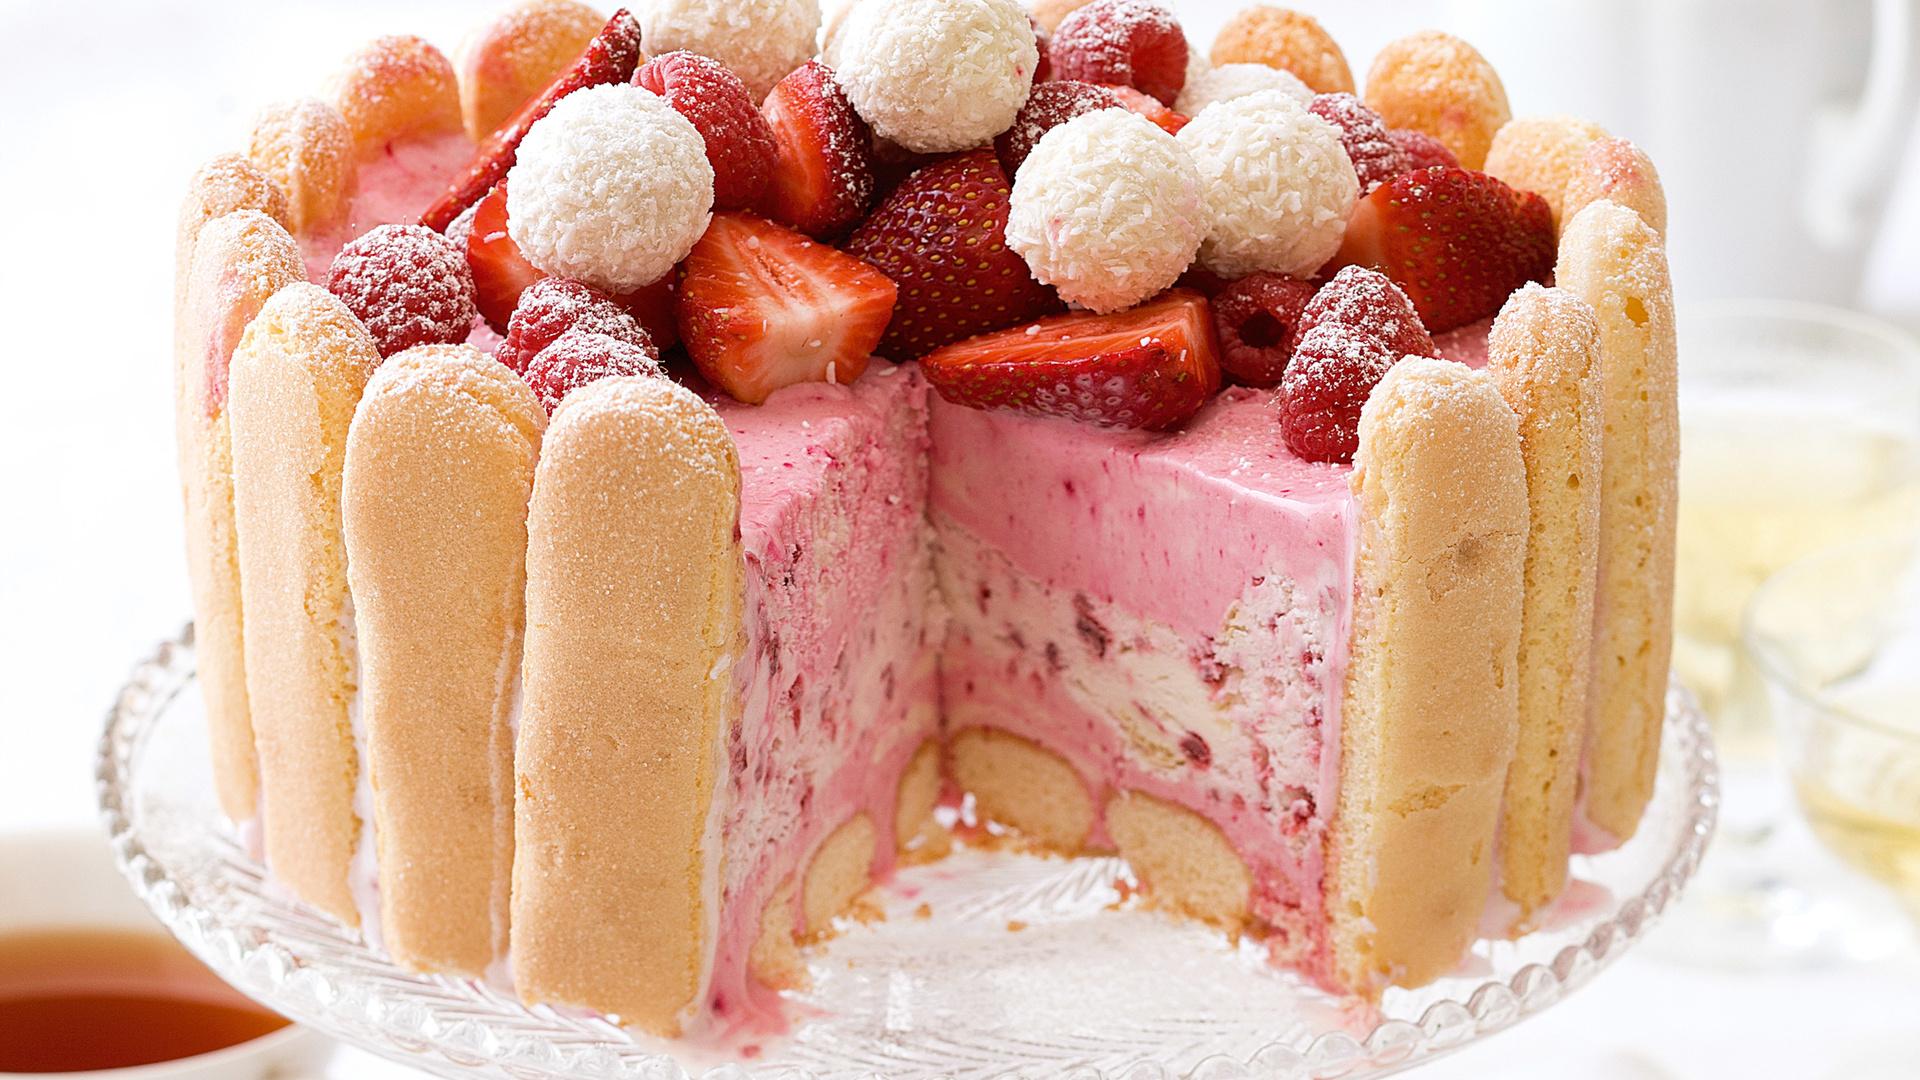 svadebnyj-tort-morozhennoe Свадебные торты,сладкий и  важный момент при организации свадьбы!